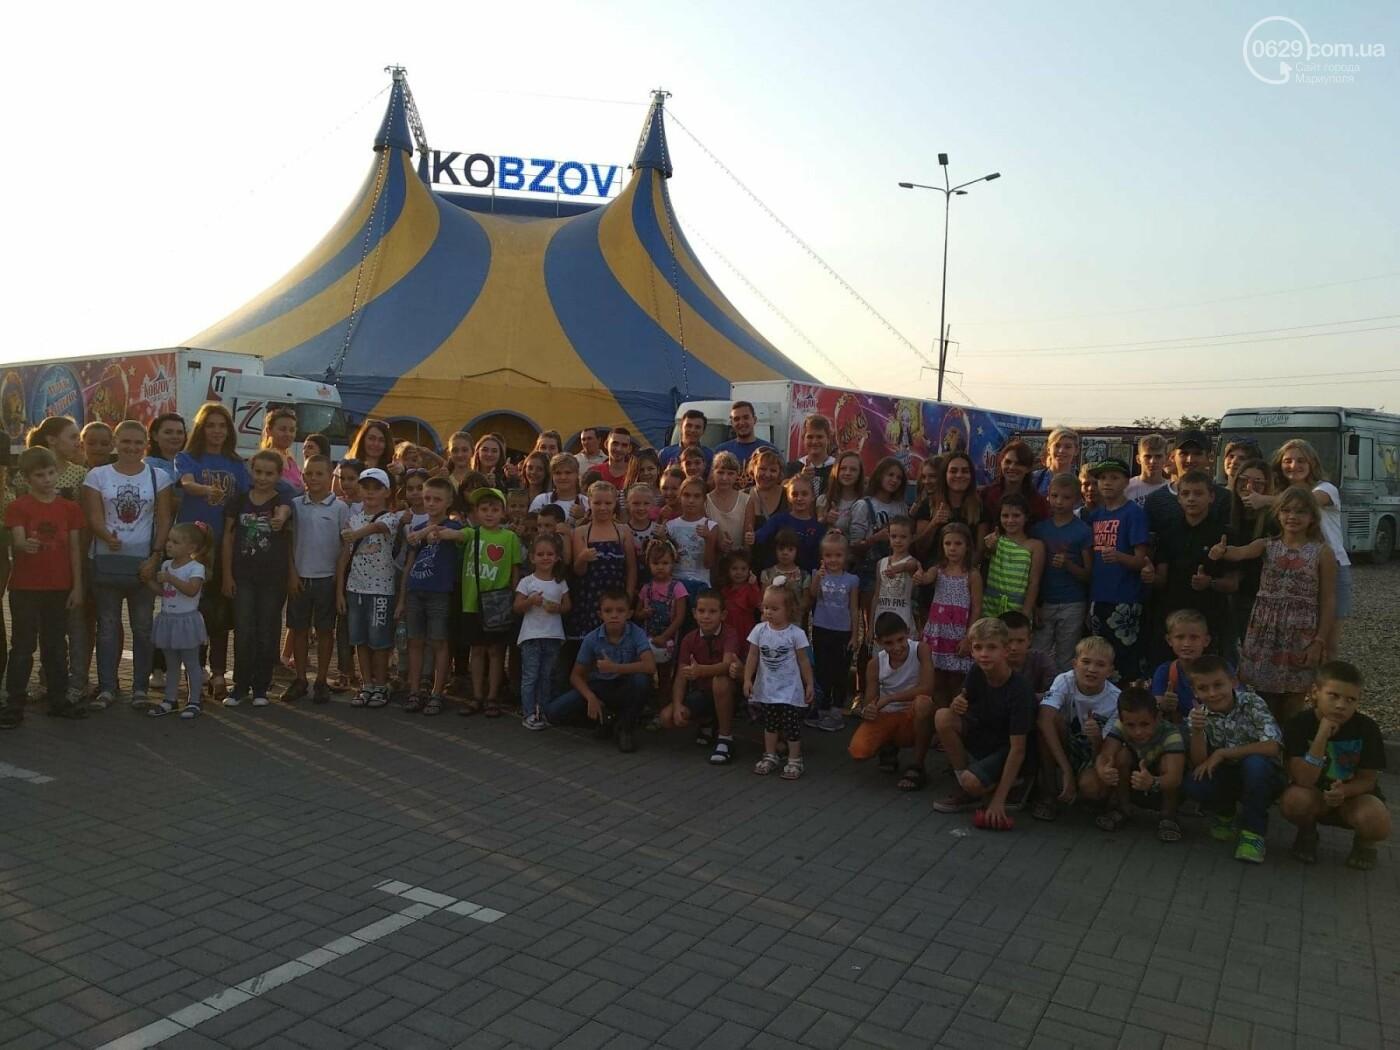 """Цирк """"Кобзов"""" дав благодійний виступ, фото-1"""